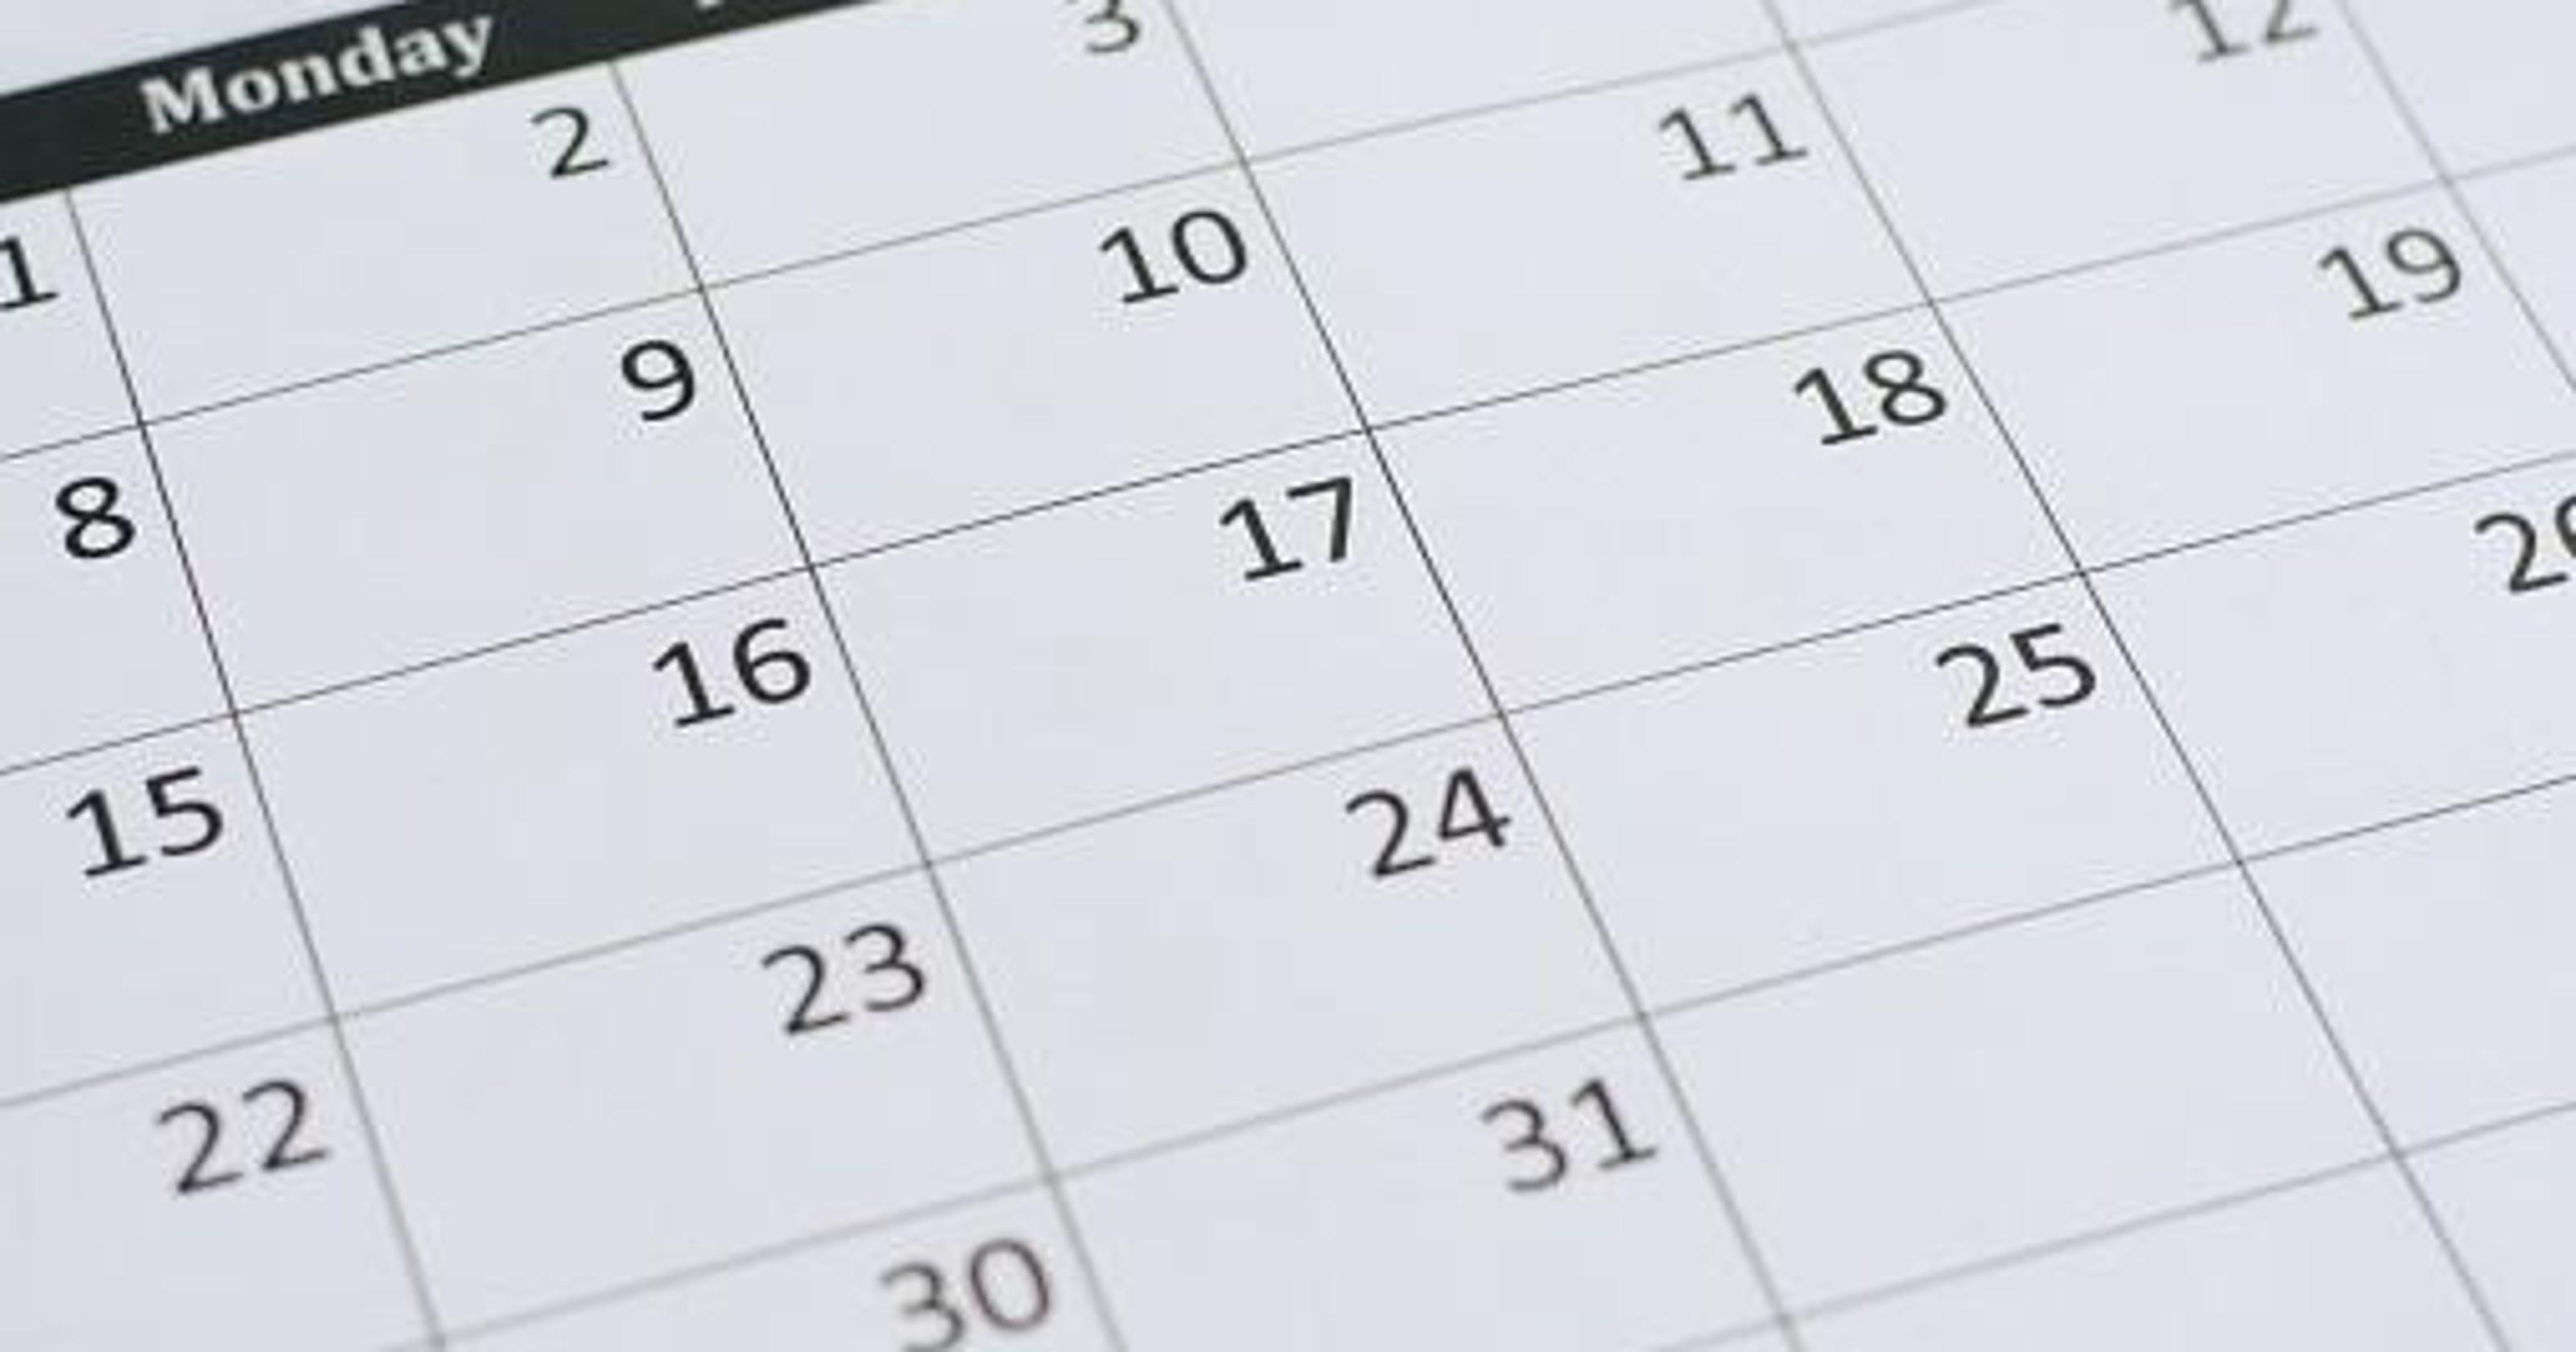 Long-running events in Door County, July 25